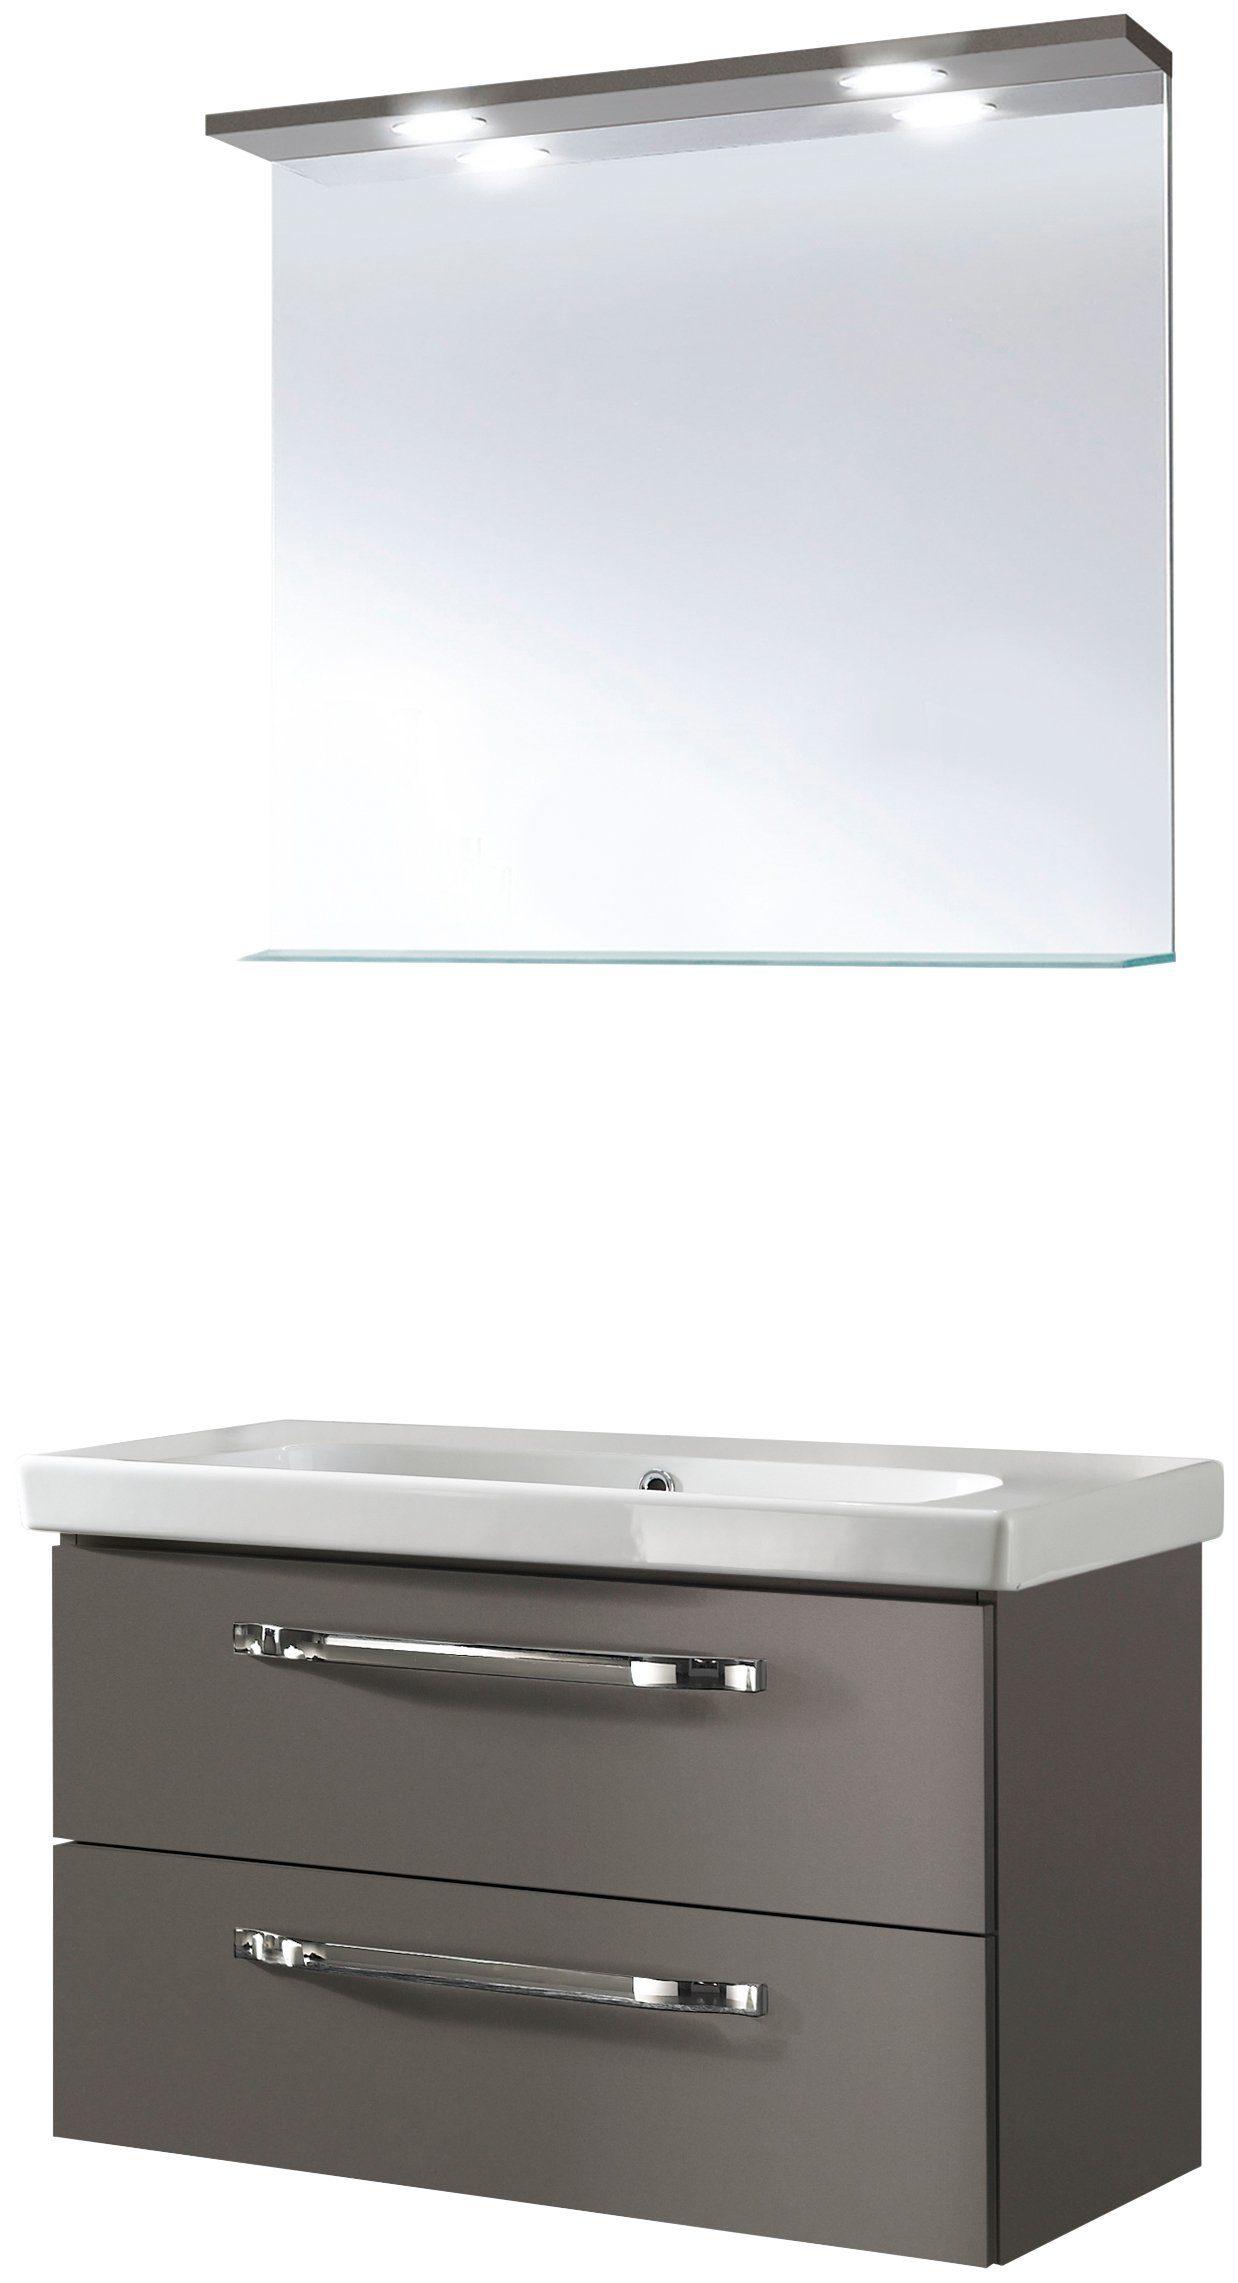 OPTIFIT Badmöbel-Set »OPTIbasic 2060«, Breite 85 cm, 3-tlg.